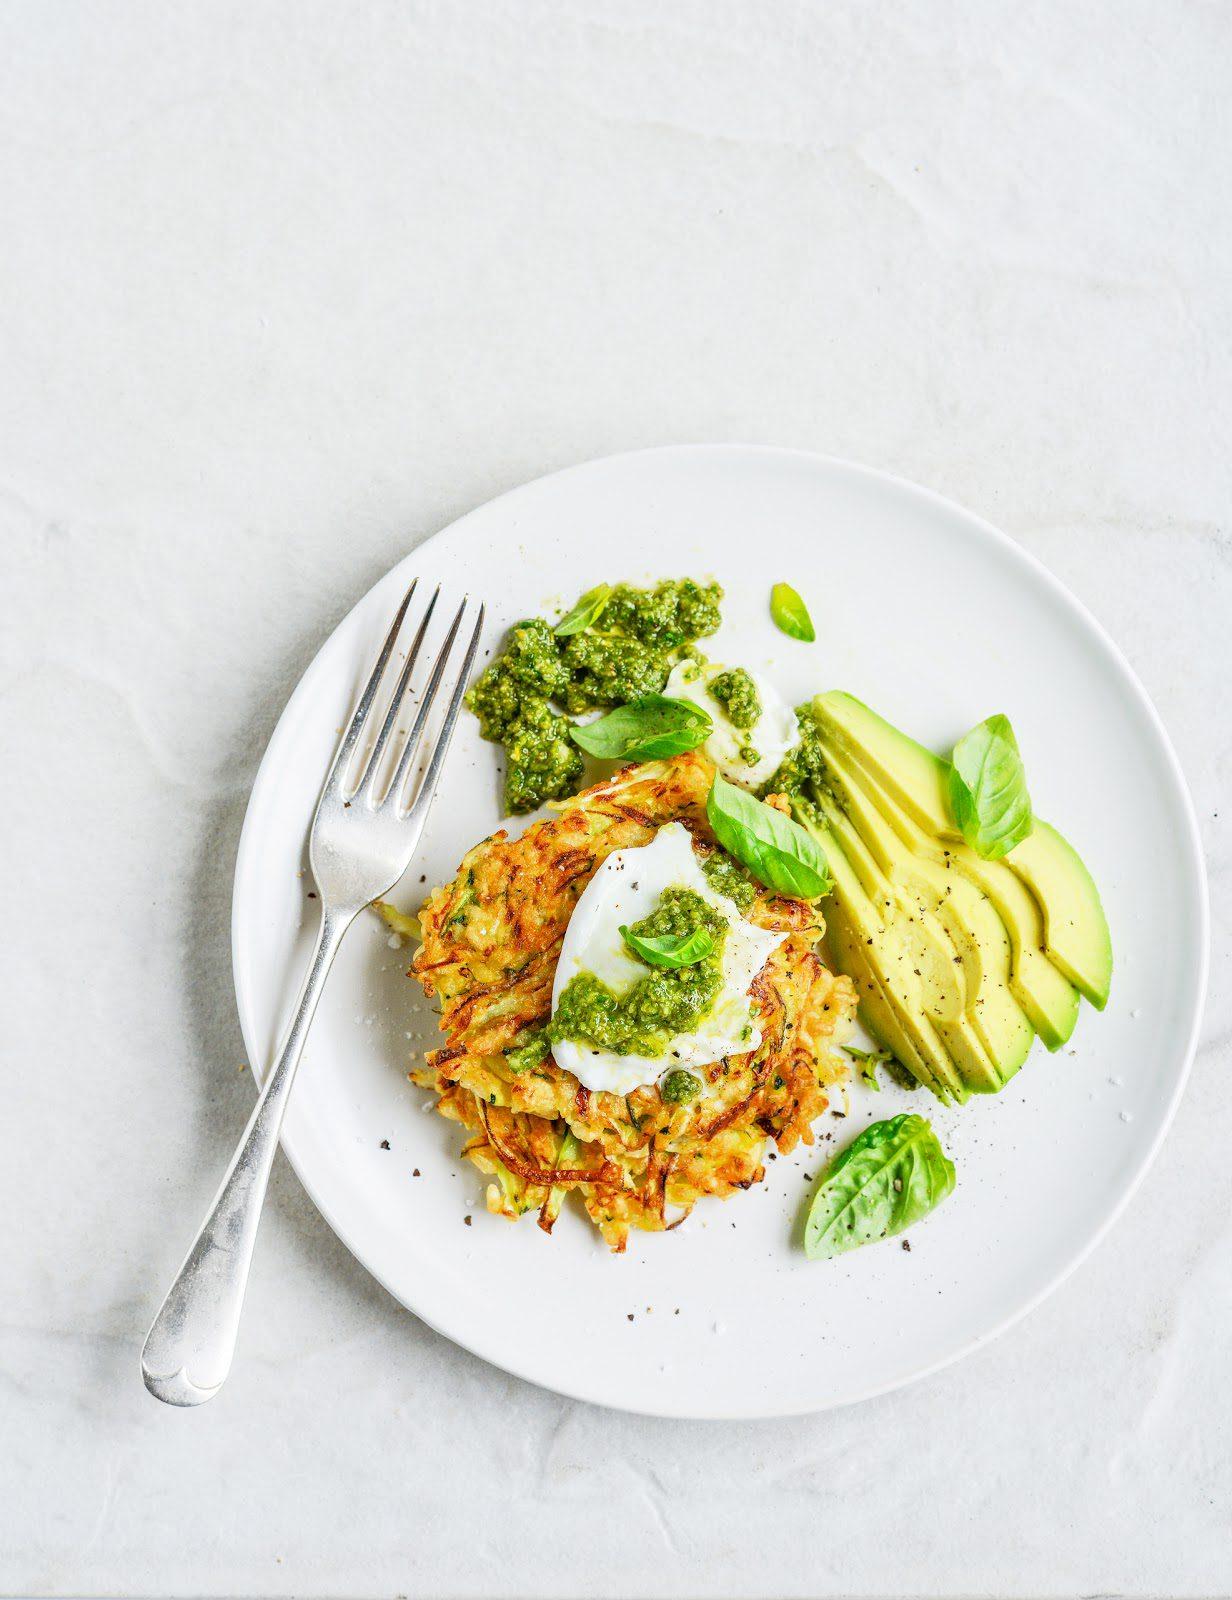 brown rice (or quinoa), zucchini & cabbage fritters with mozzarella ...